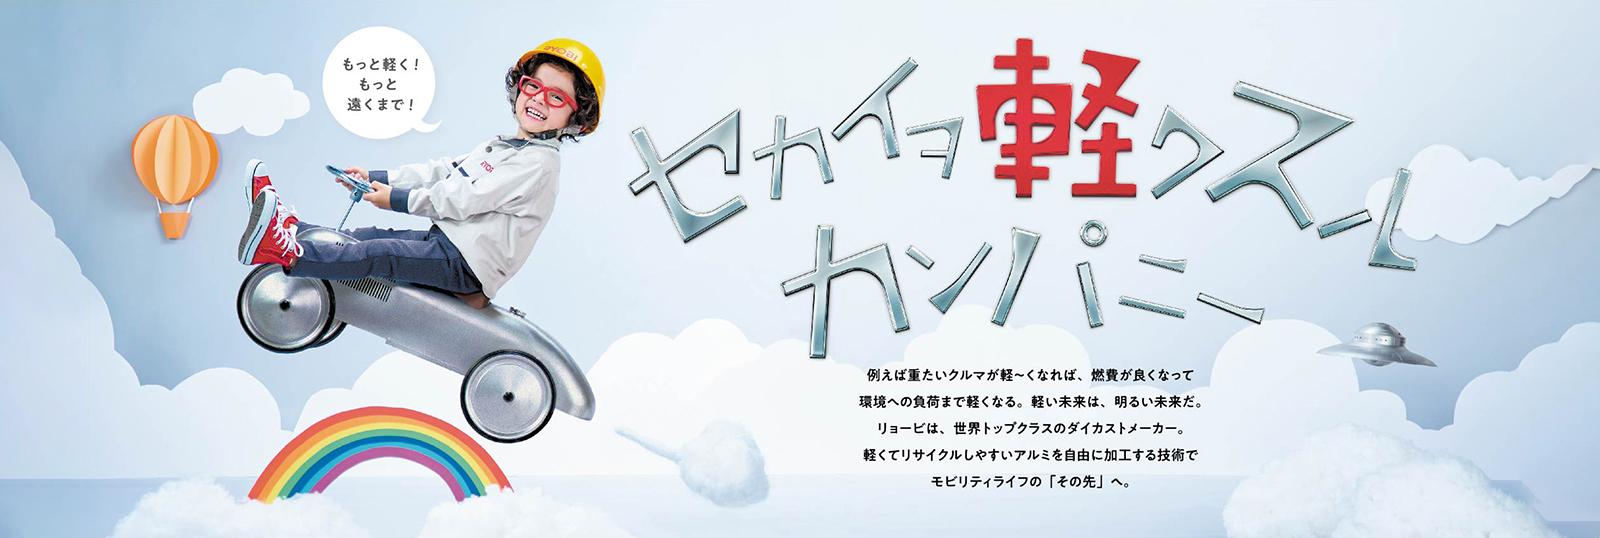 広告が氾濫する野球場・・・バックネットの広告は …